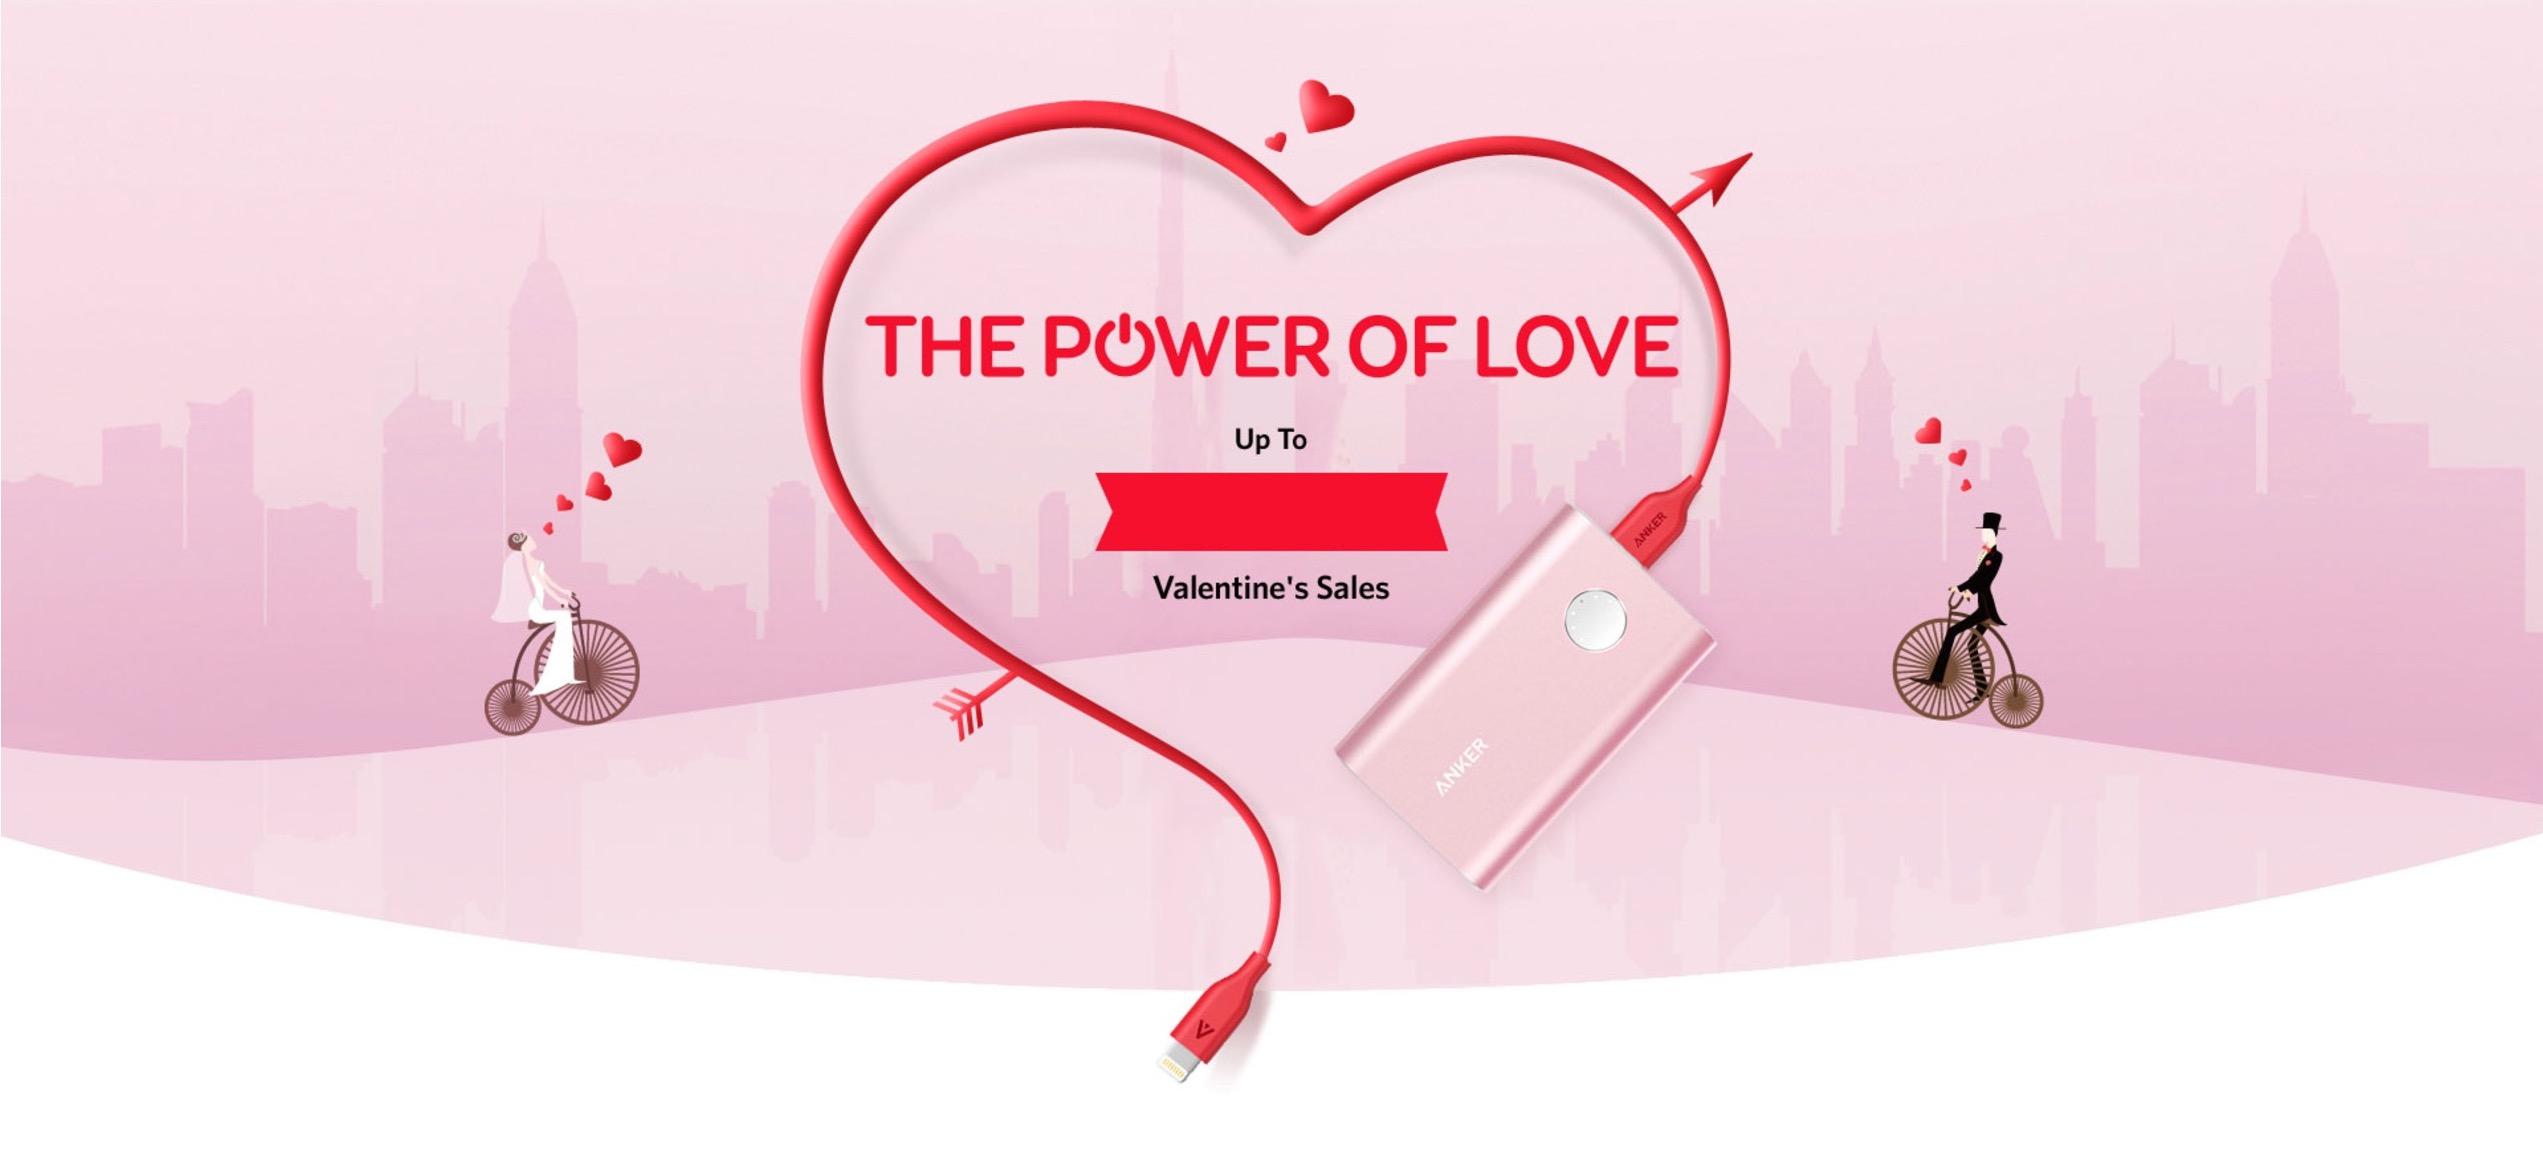 15%オフ、Ankerがバレンタインセールを開催